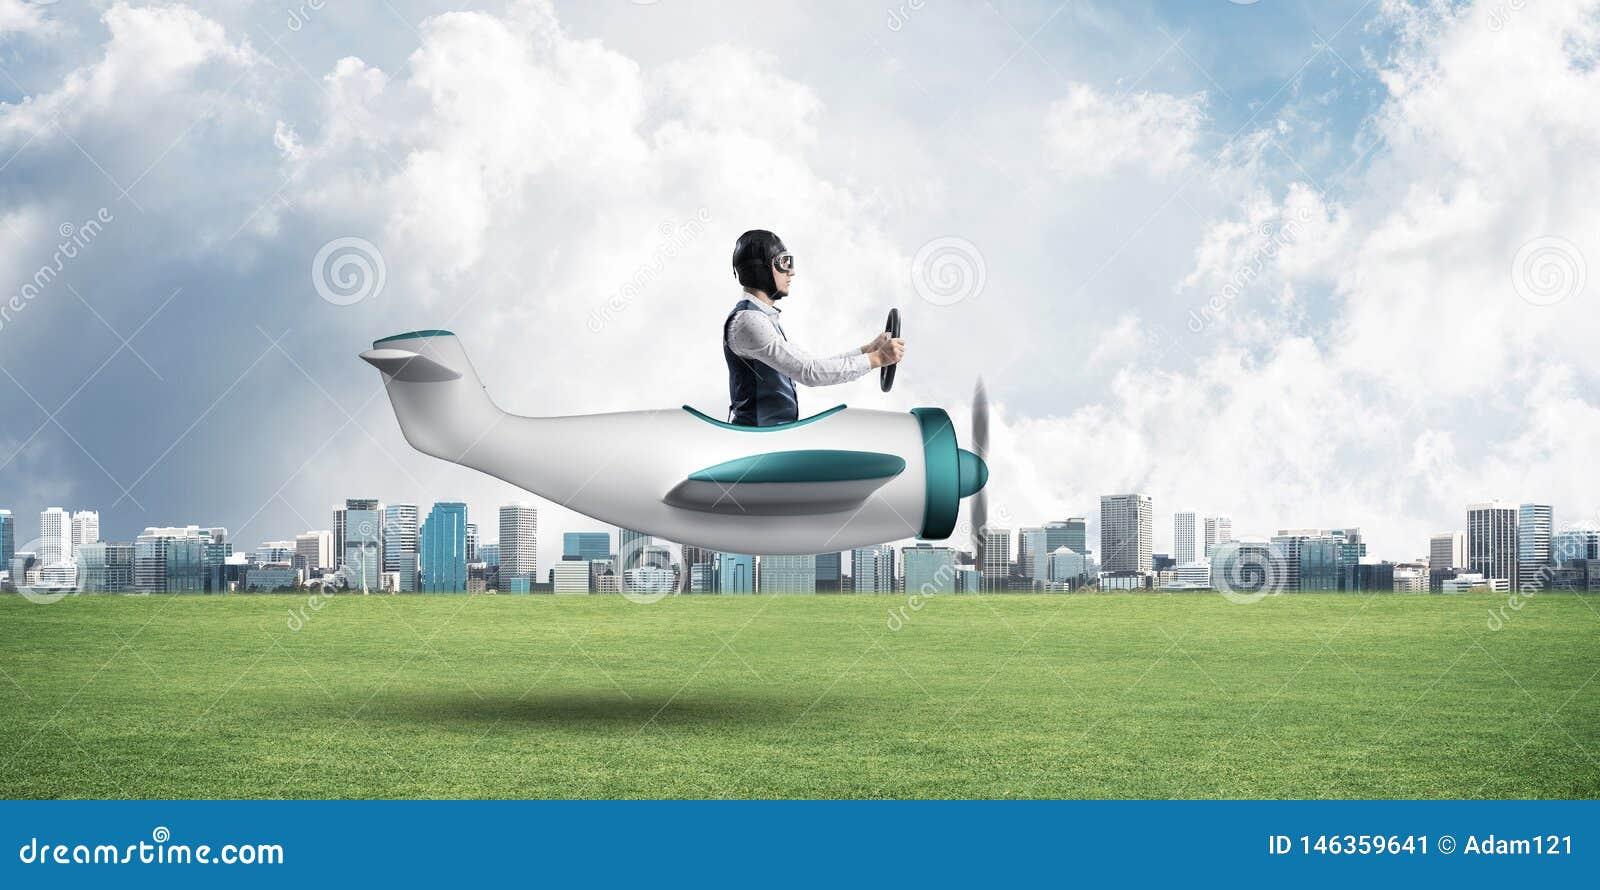 驾驶小螺旋桨推进式飞机的年轻飞行员